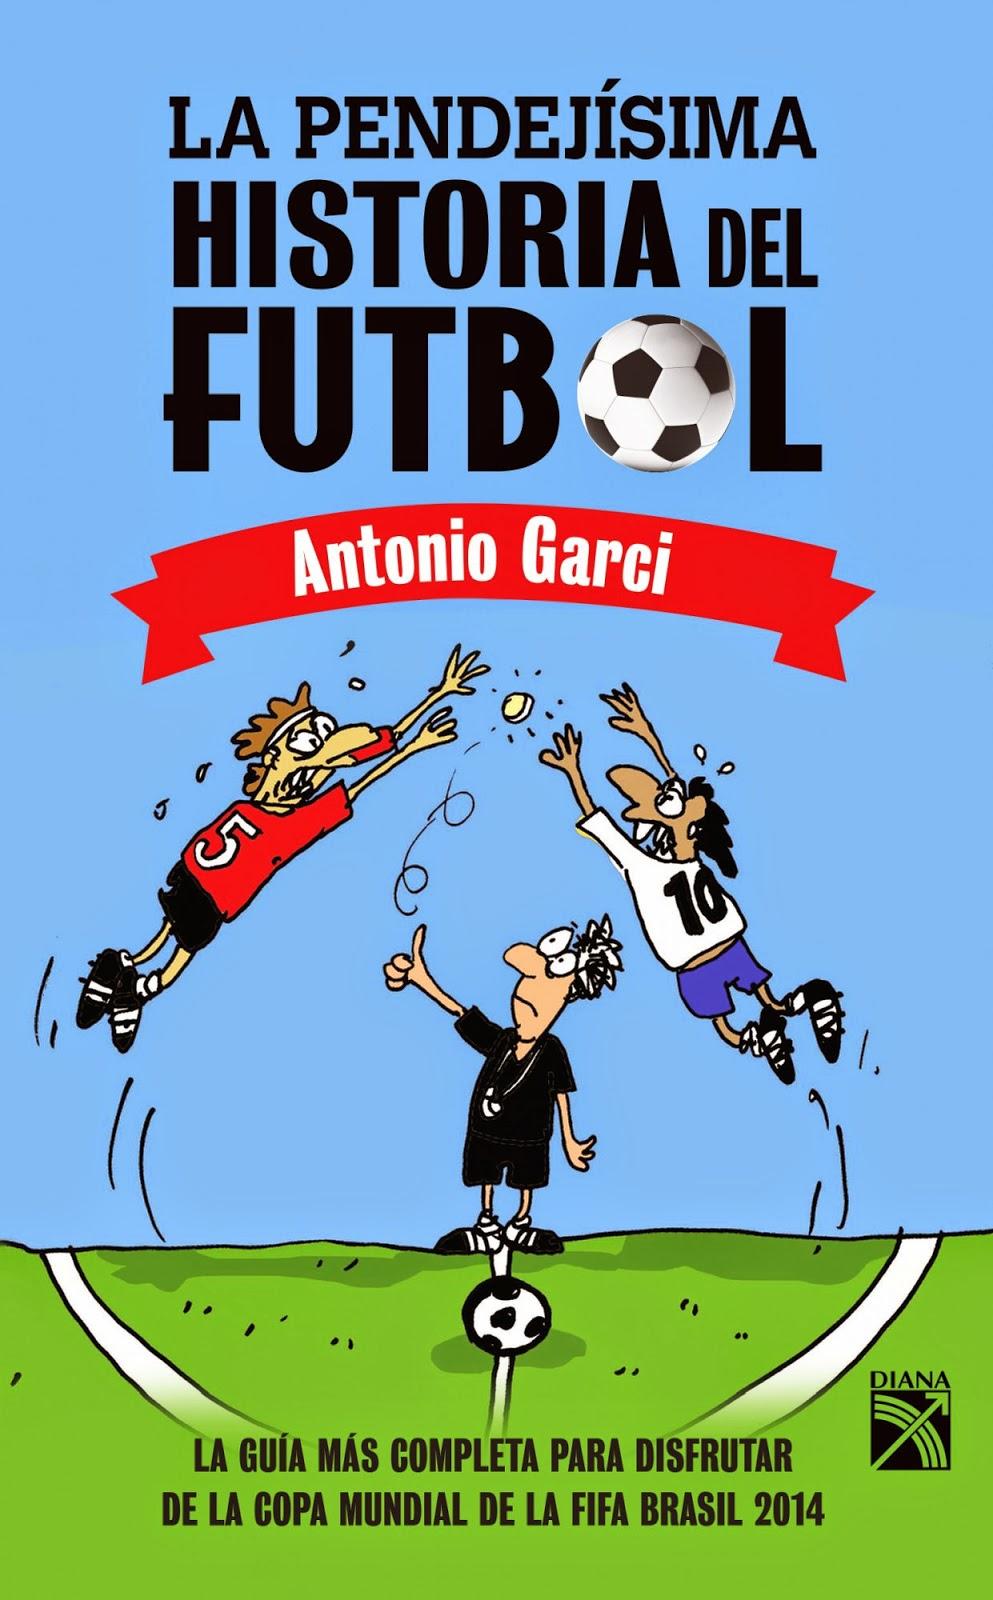 La Pendejísima Historia del Fútbol